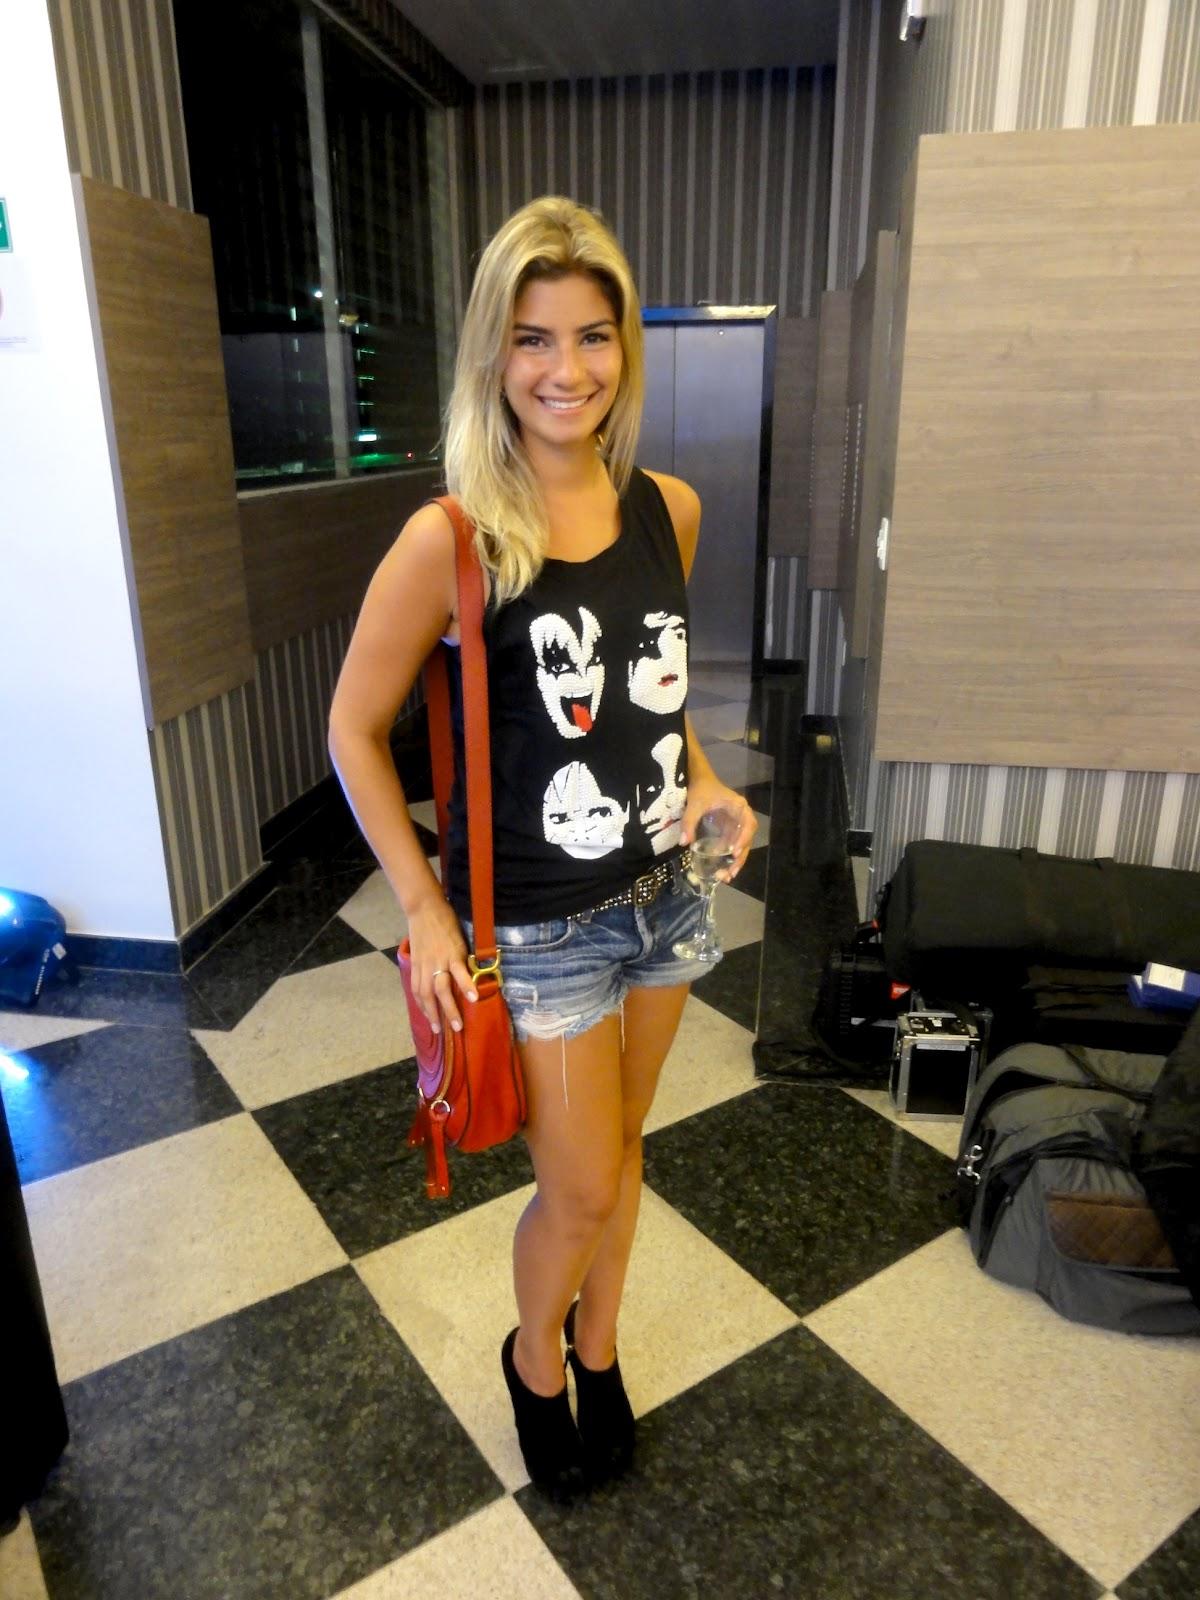 http://4.bp.blogspot.com/-kU6dQ2iz0tc/UBilbvj-4MI/AAAAAAAAQRM/sbQGmb0LptI/s1600/Ana+Victoria+Sanchez+DSC00806.JPG